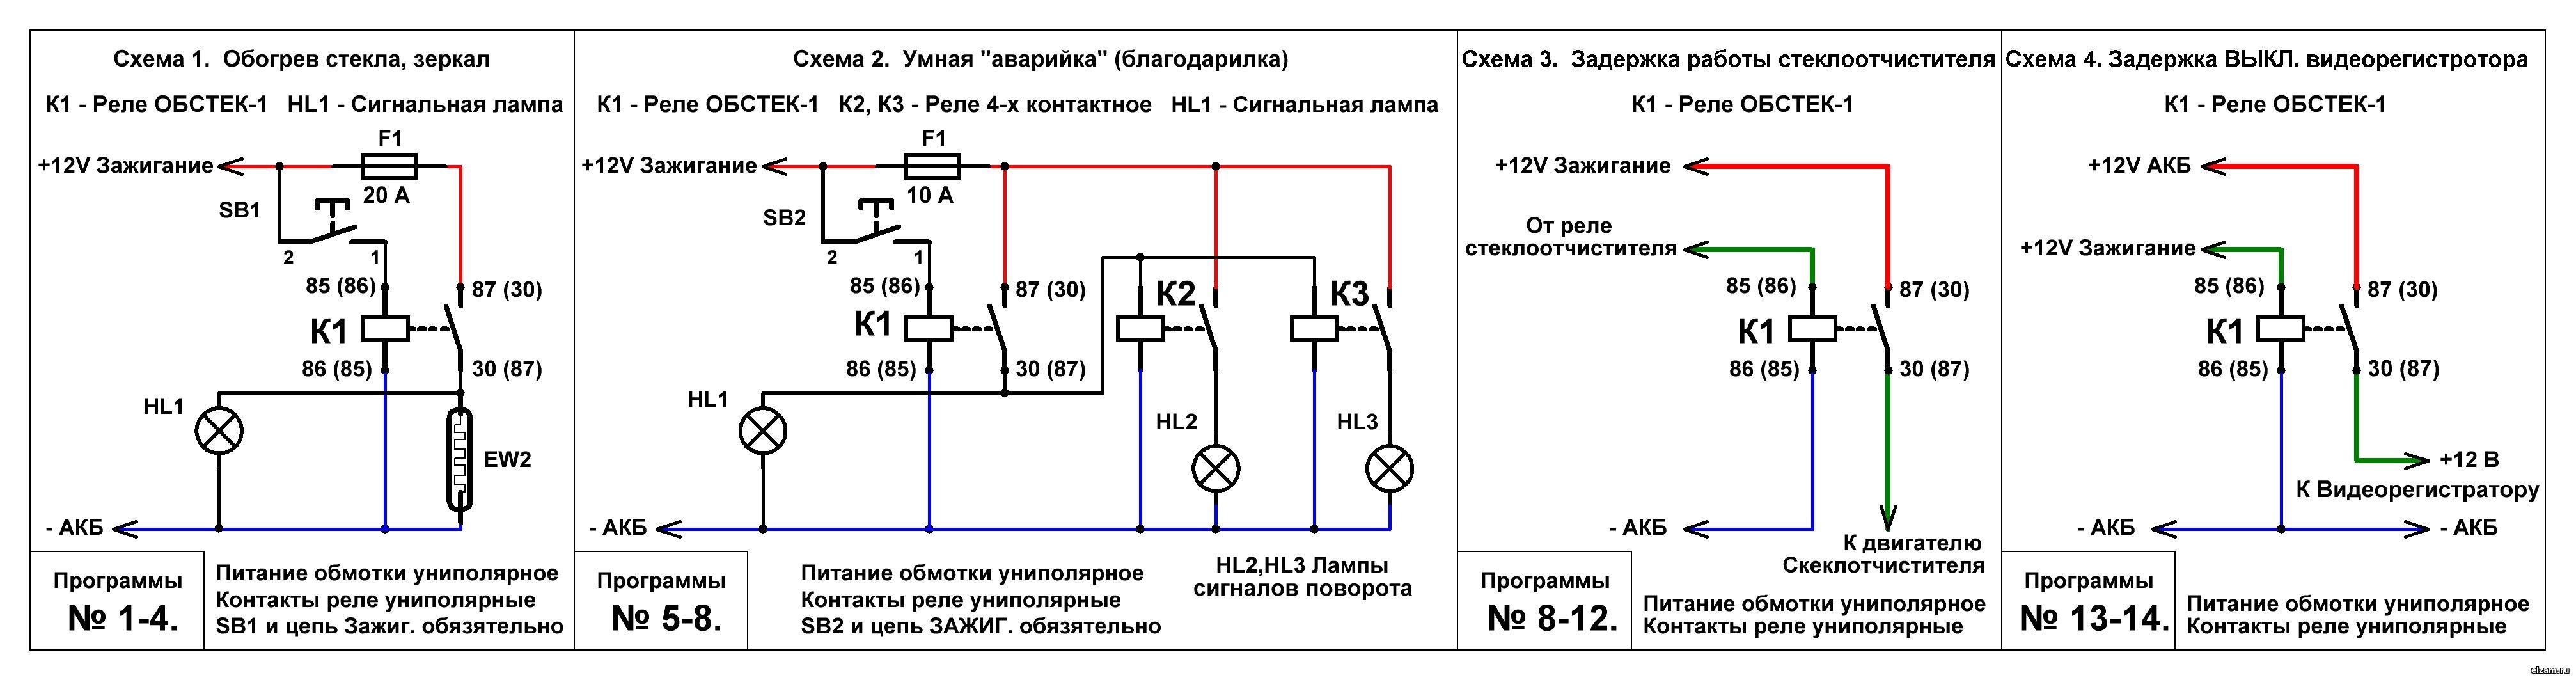 ОБСТЕК-1 реле обогрева стекла, умной аварийки, реле времени дворников